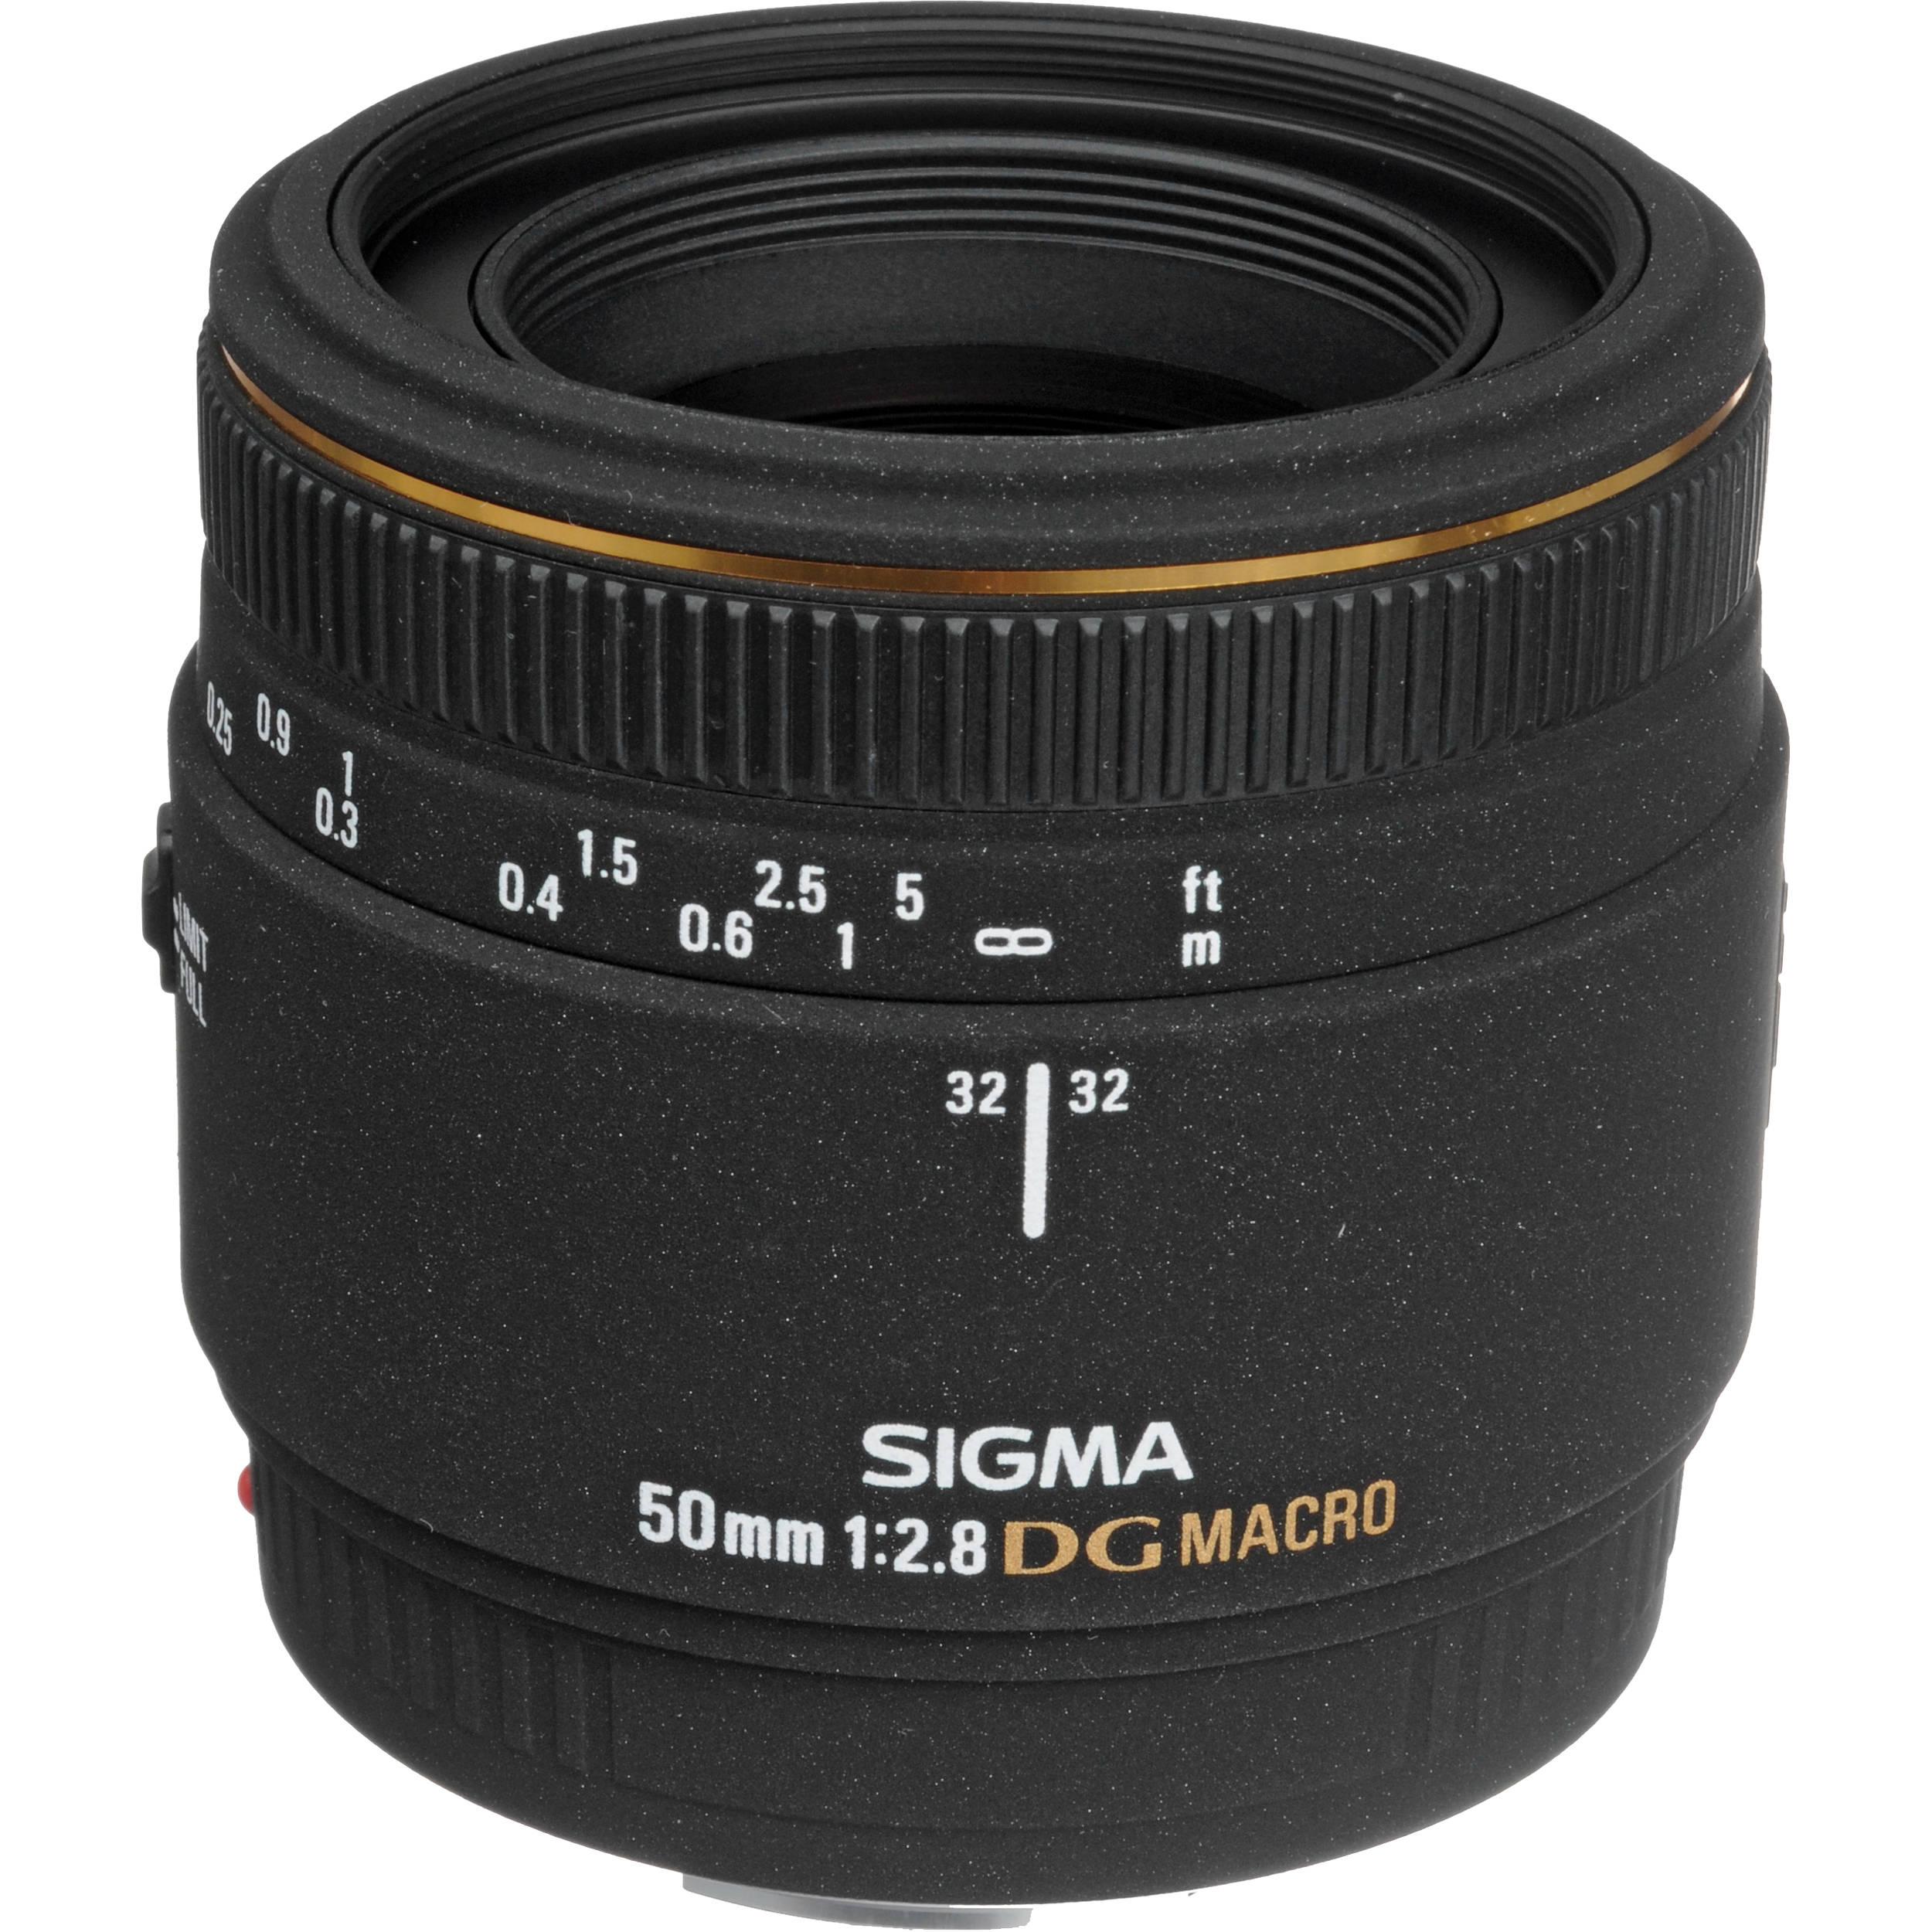 Sigma_346101_50mm_f_2_8_EX_DG_341925